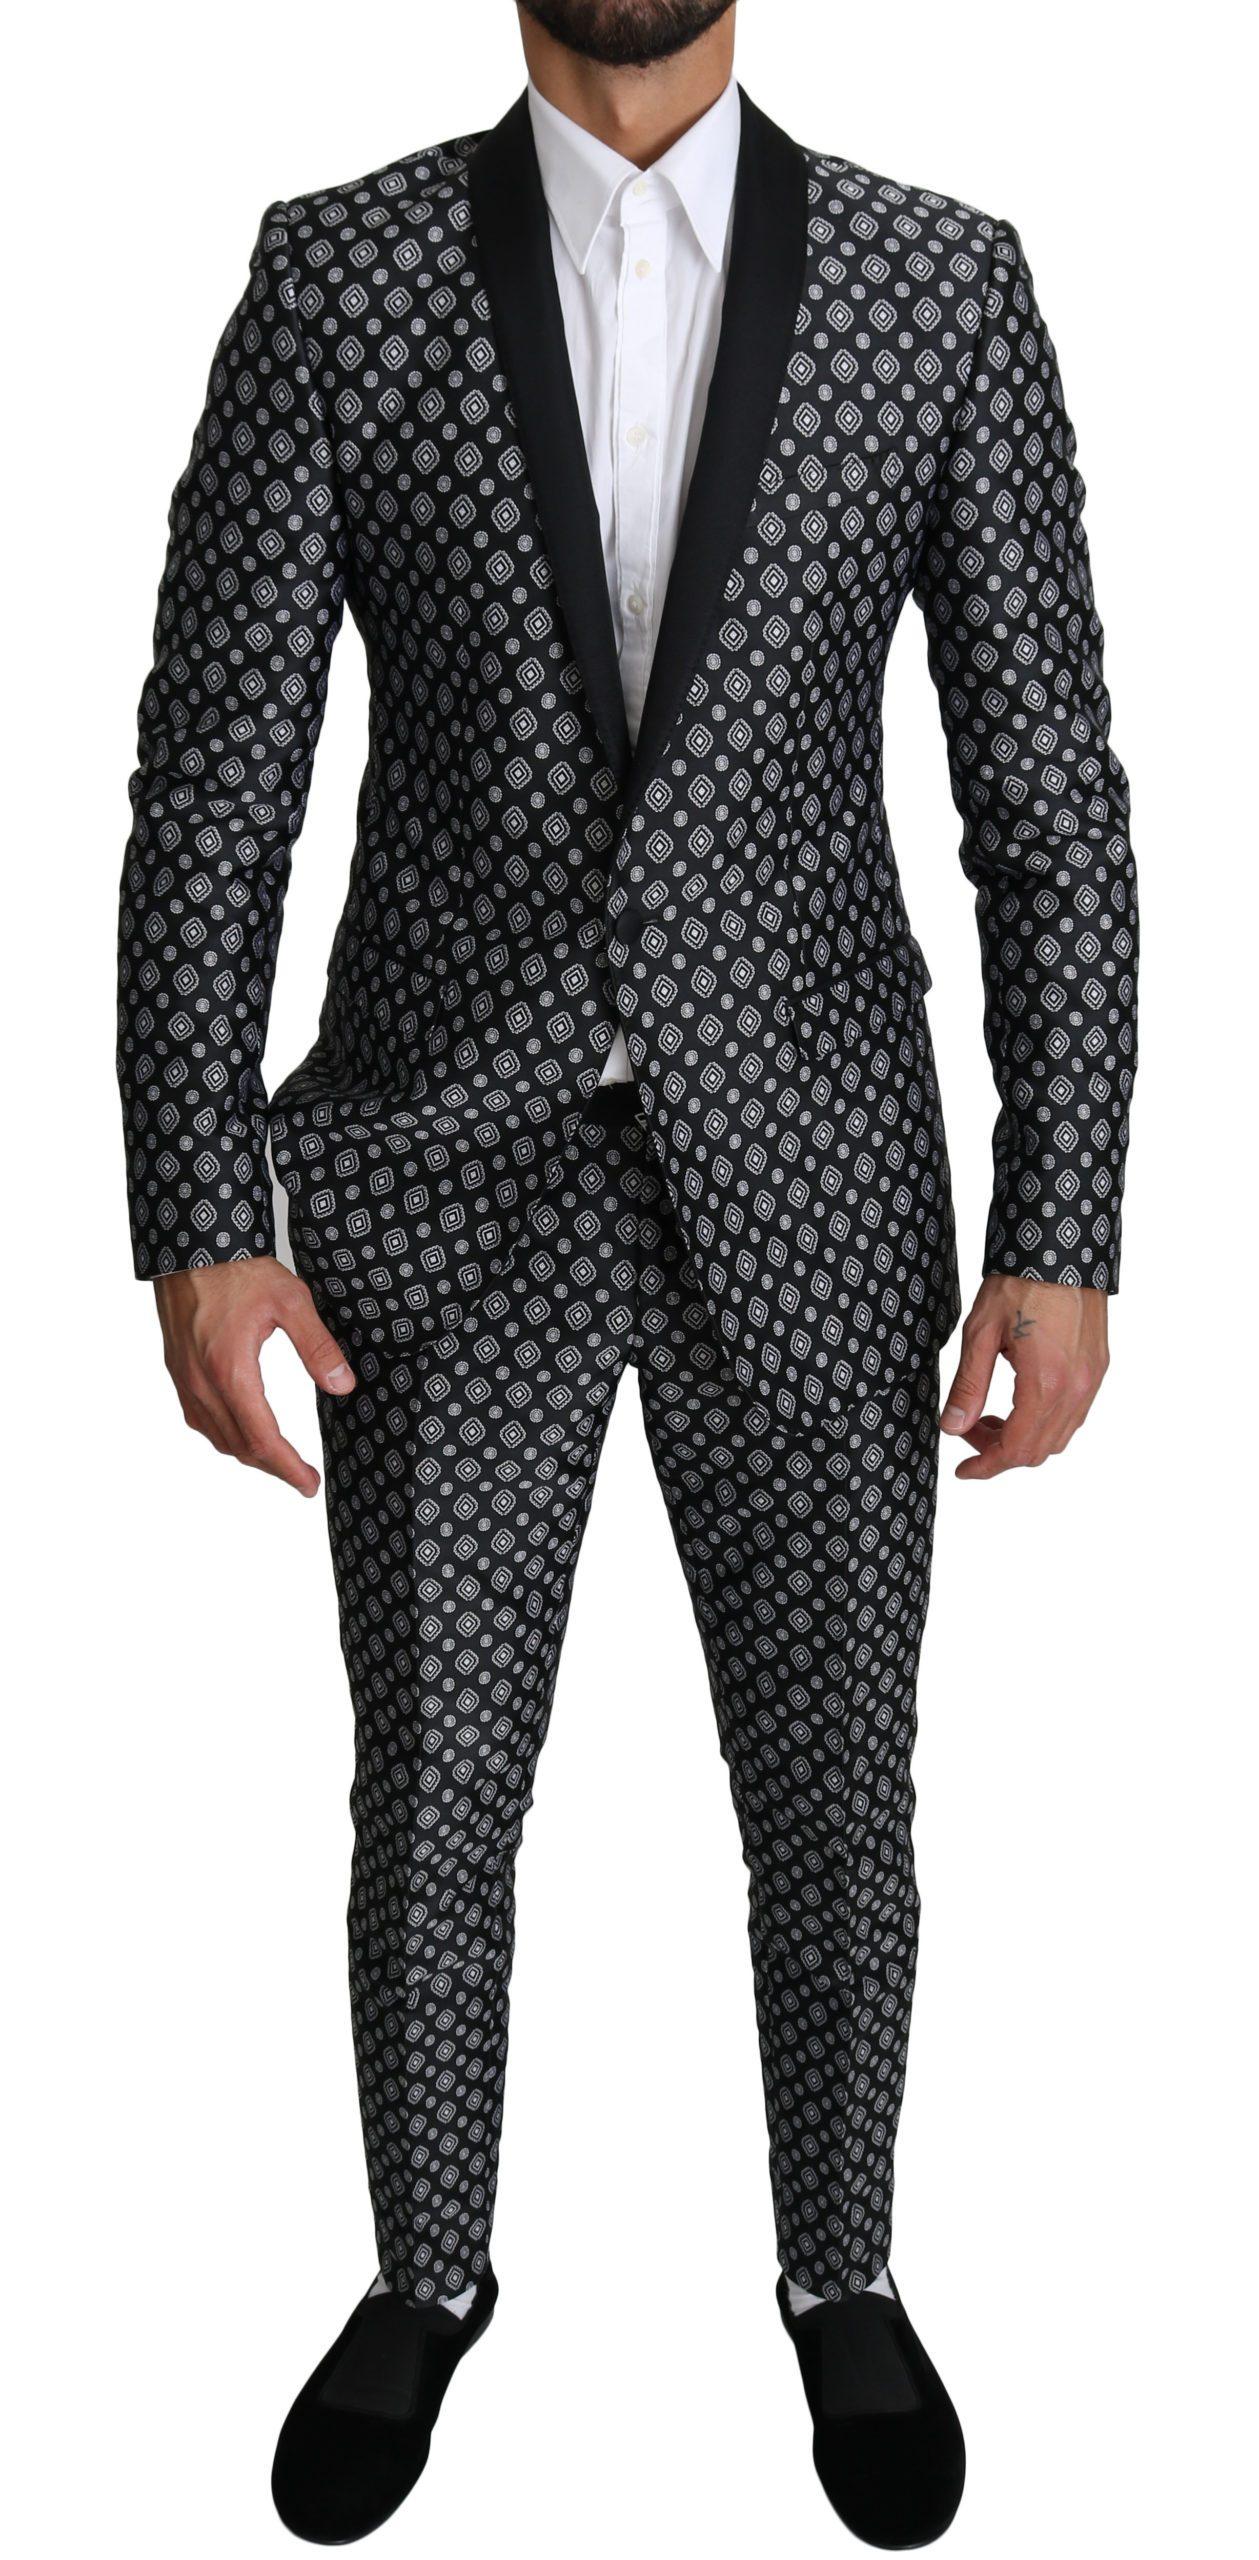 Dolce & Gabbana Men's Baroque 2 Piece Suit Gold Black KOS1533 - IT48 | M